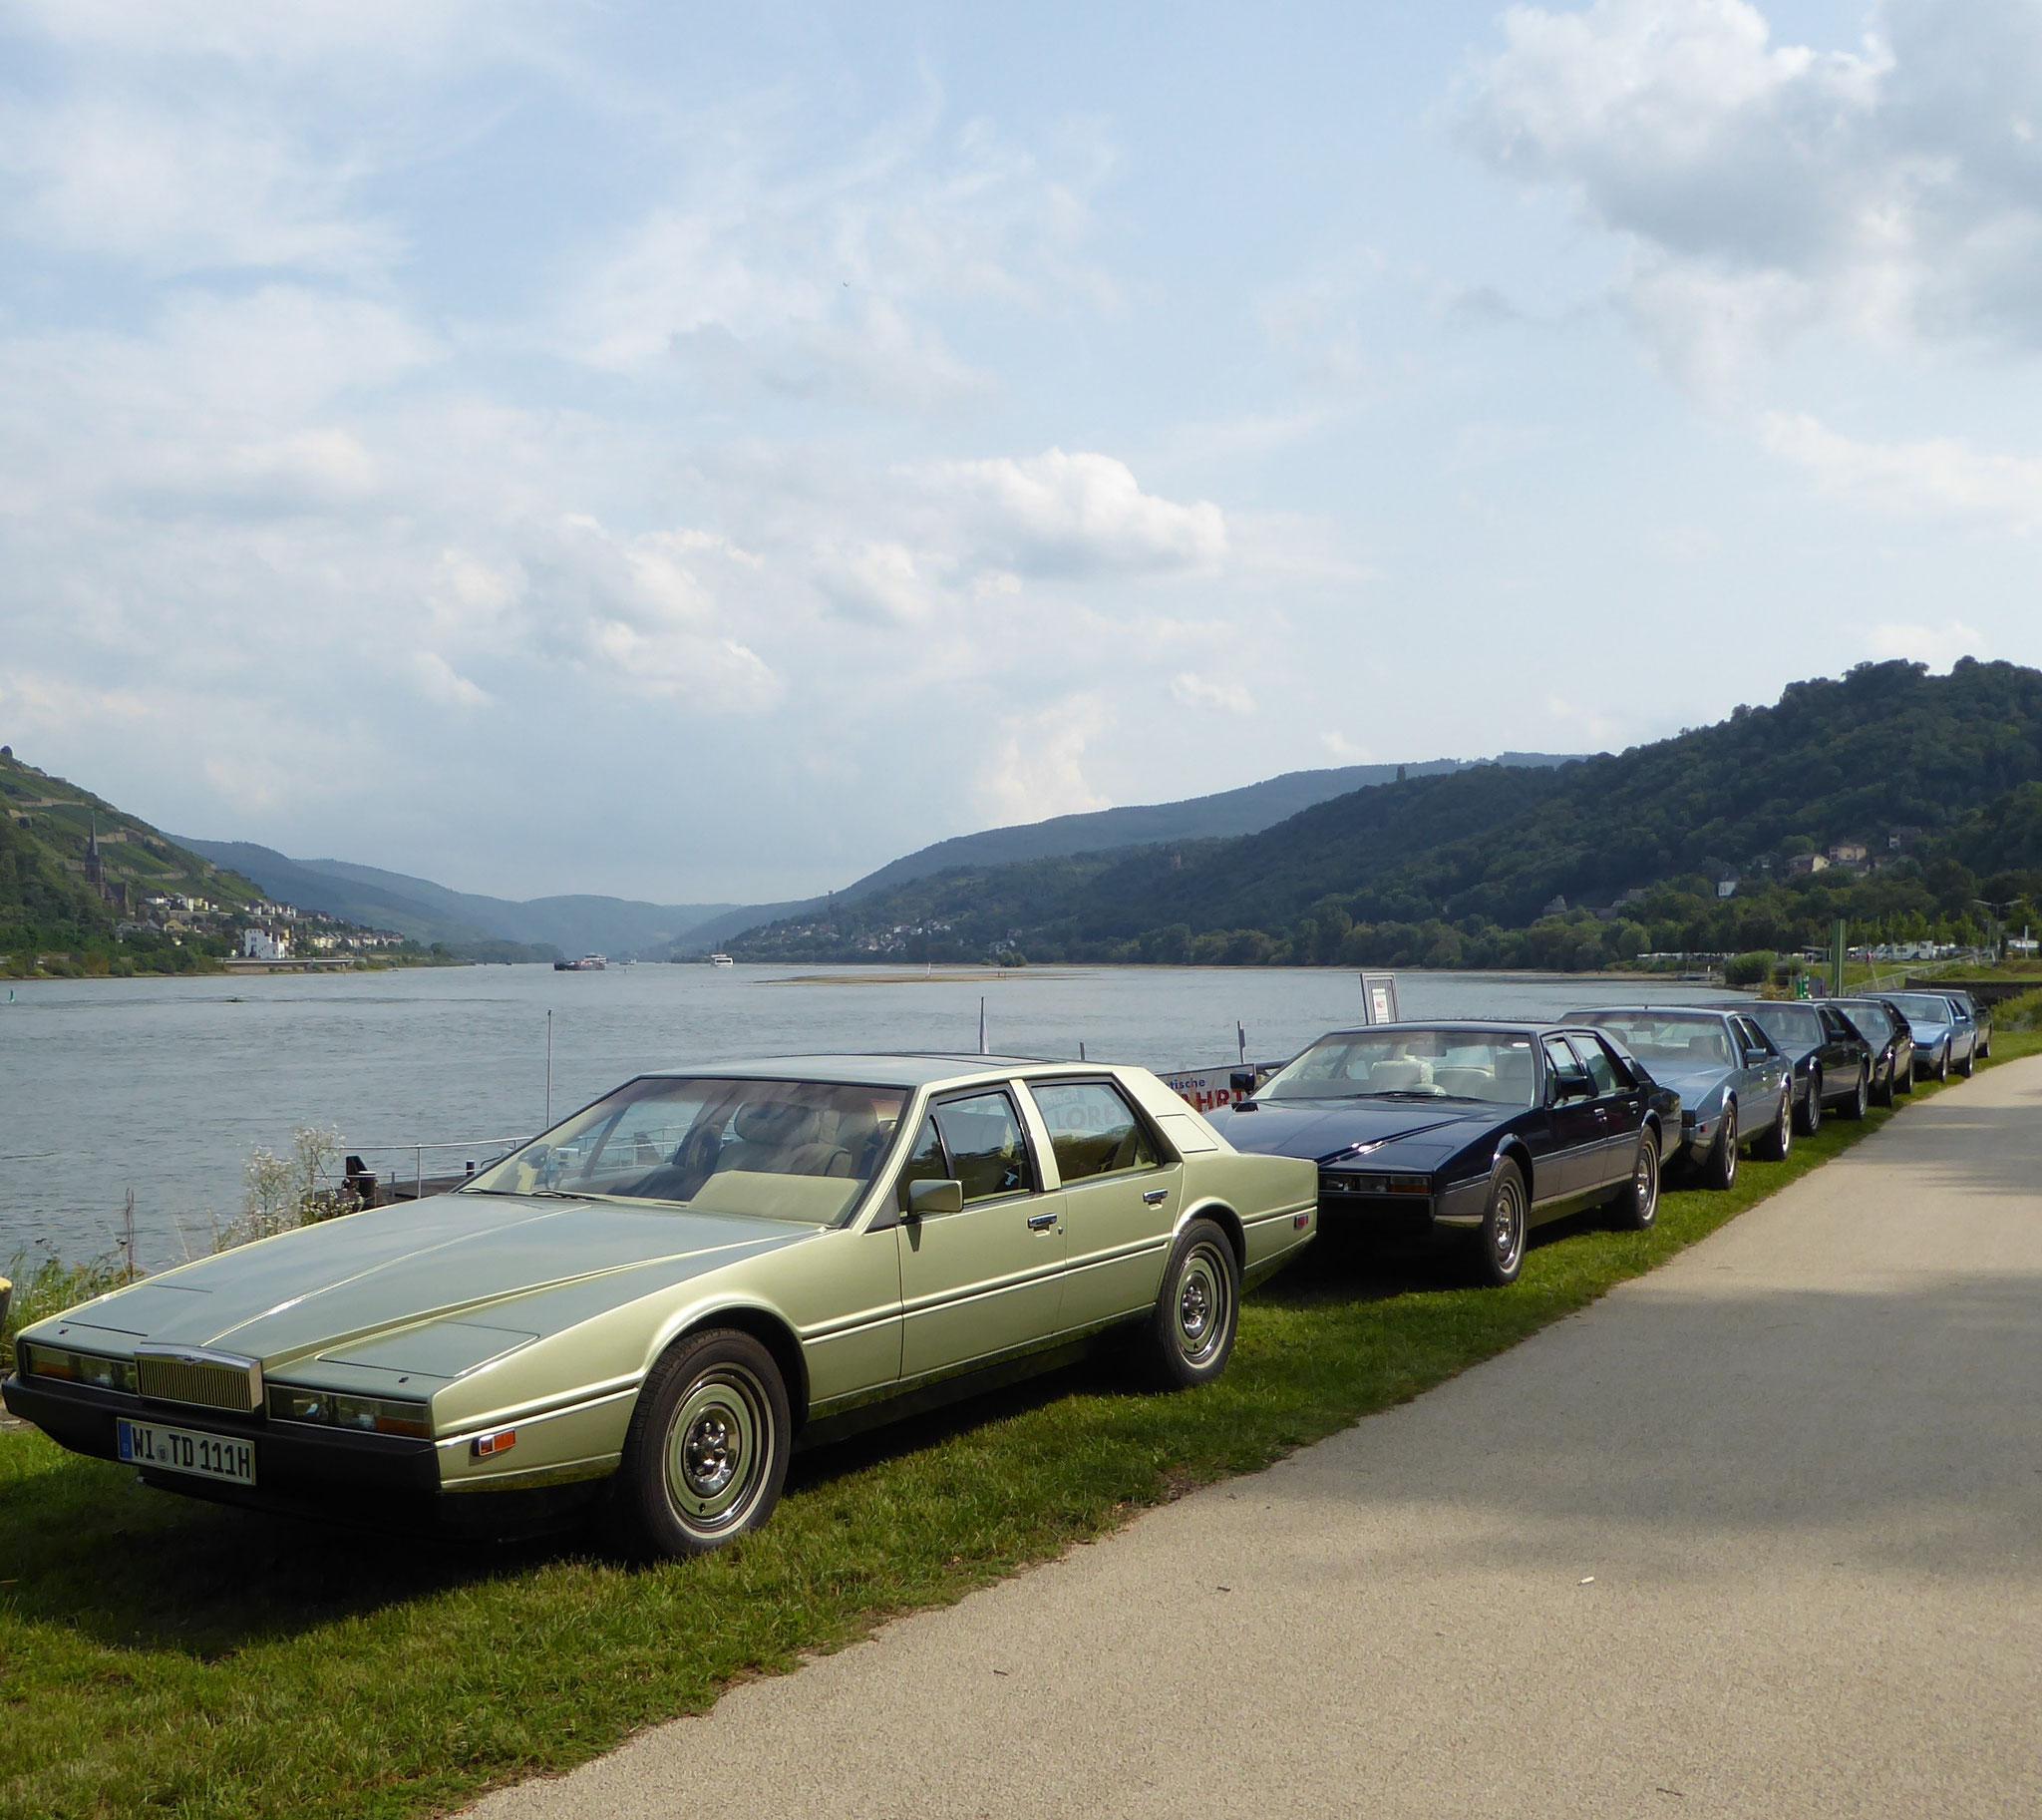 2017 LagondaFest in Rheingau (Germany)